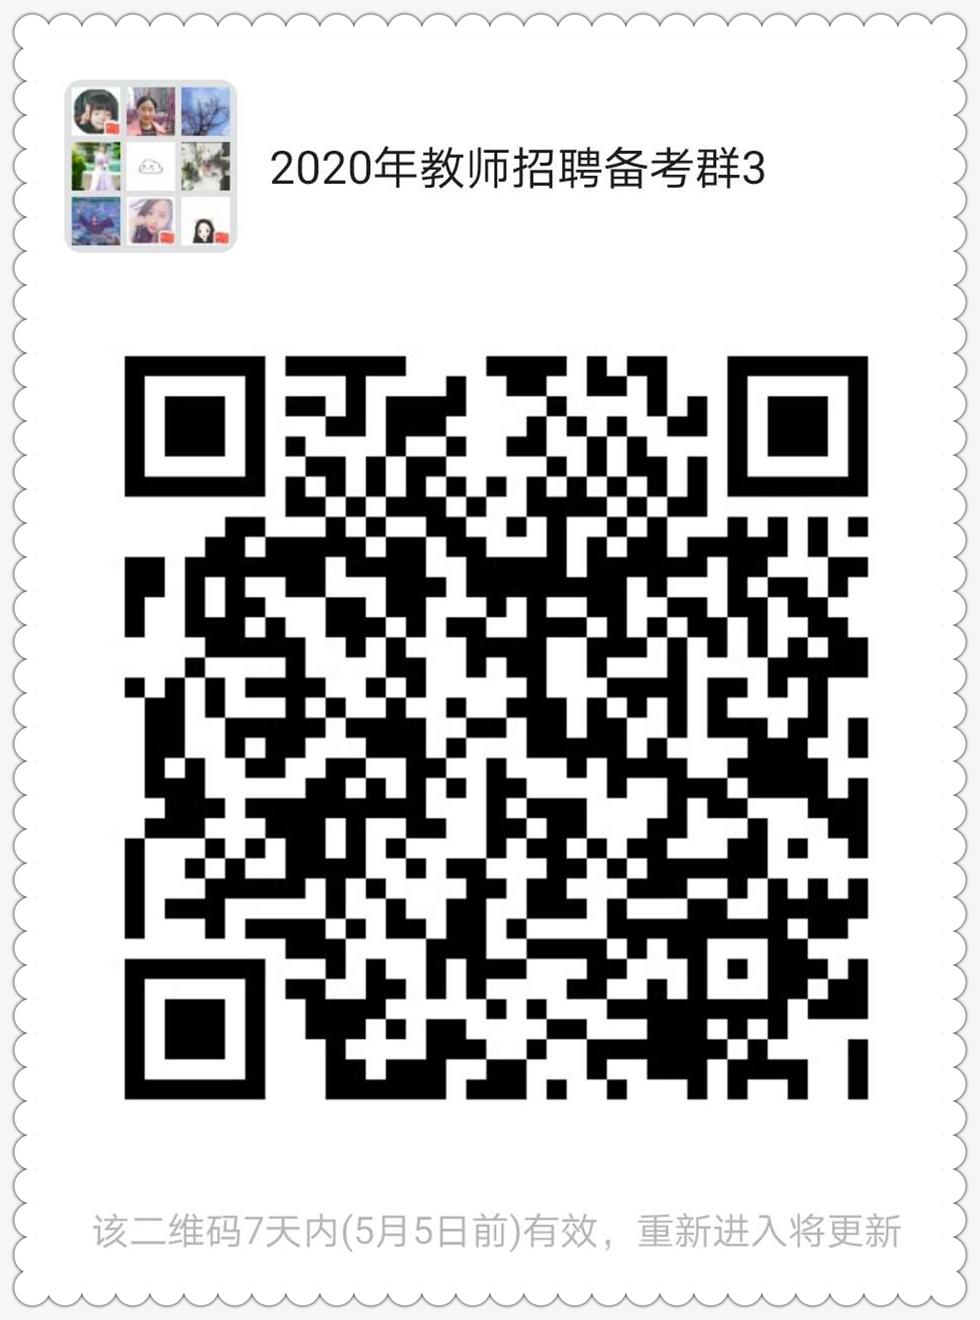 202004291103381606.jpg